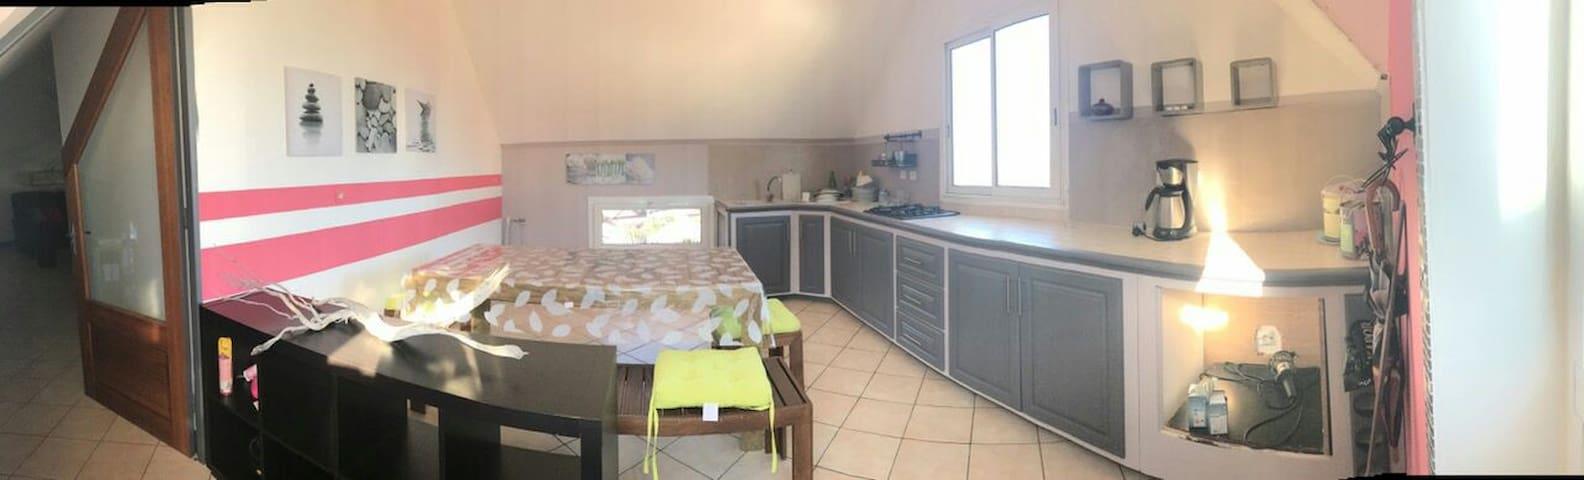 Maison-appart, belle vue, au calme - La Possession - Apartmen